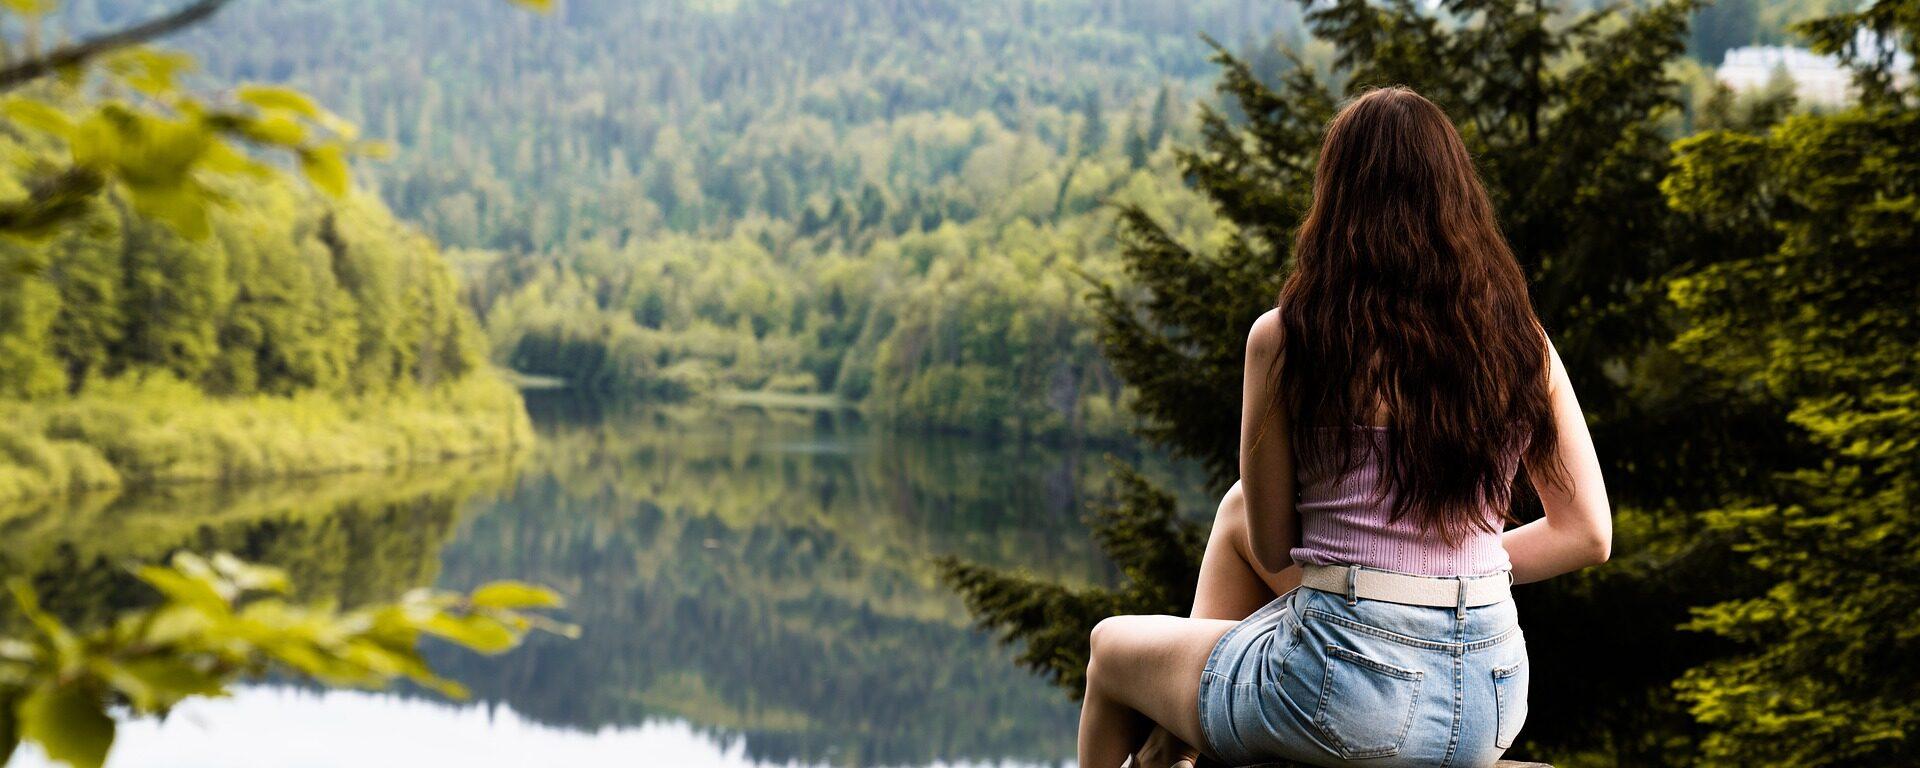 Calmar nuestra mente es vital en momentos como los que vivimos